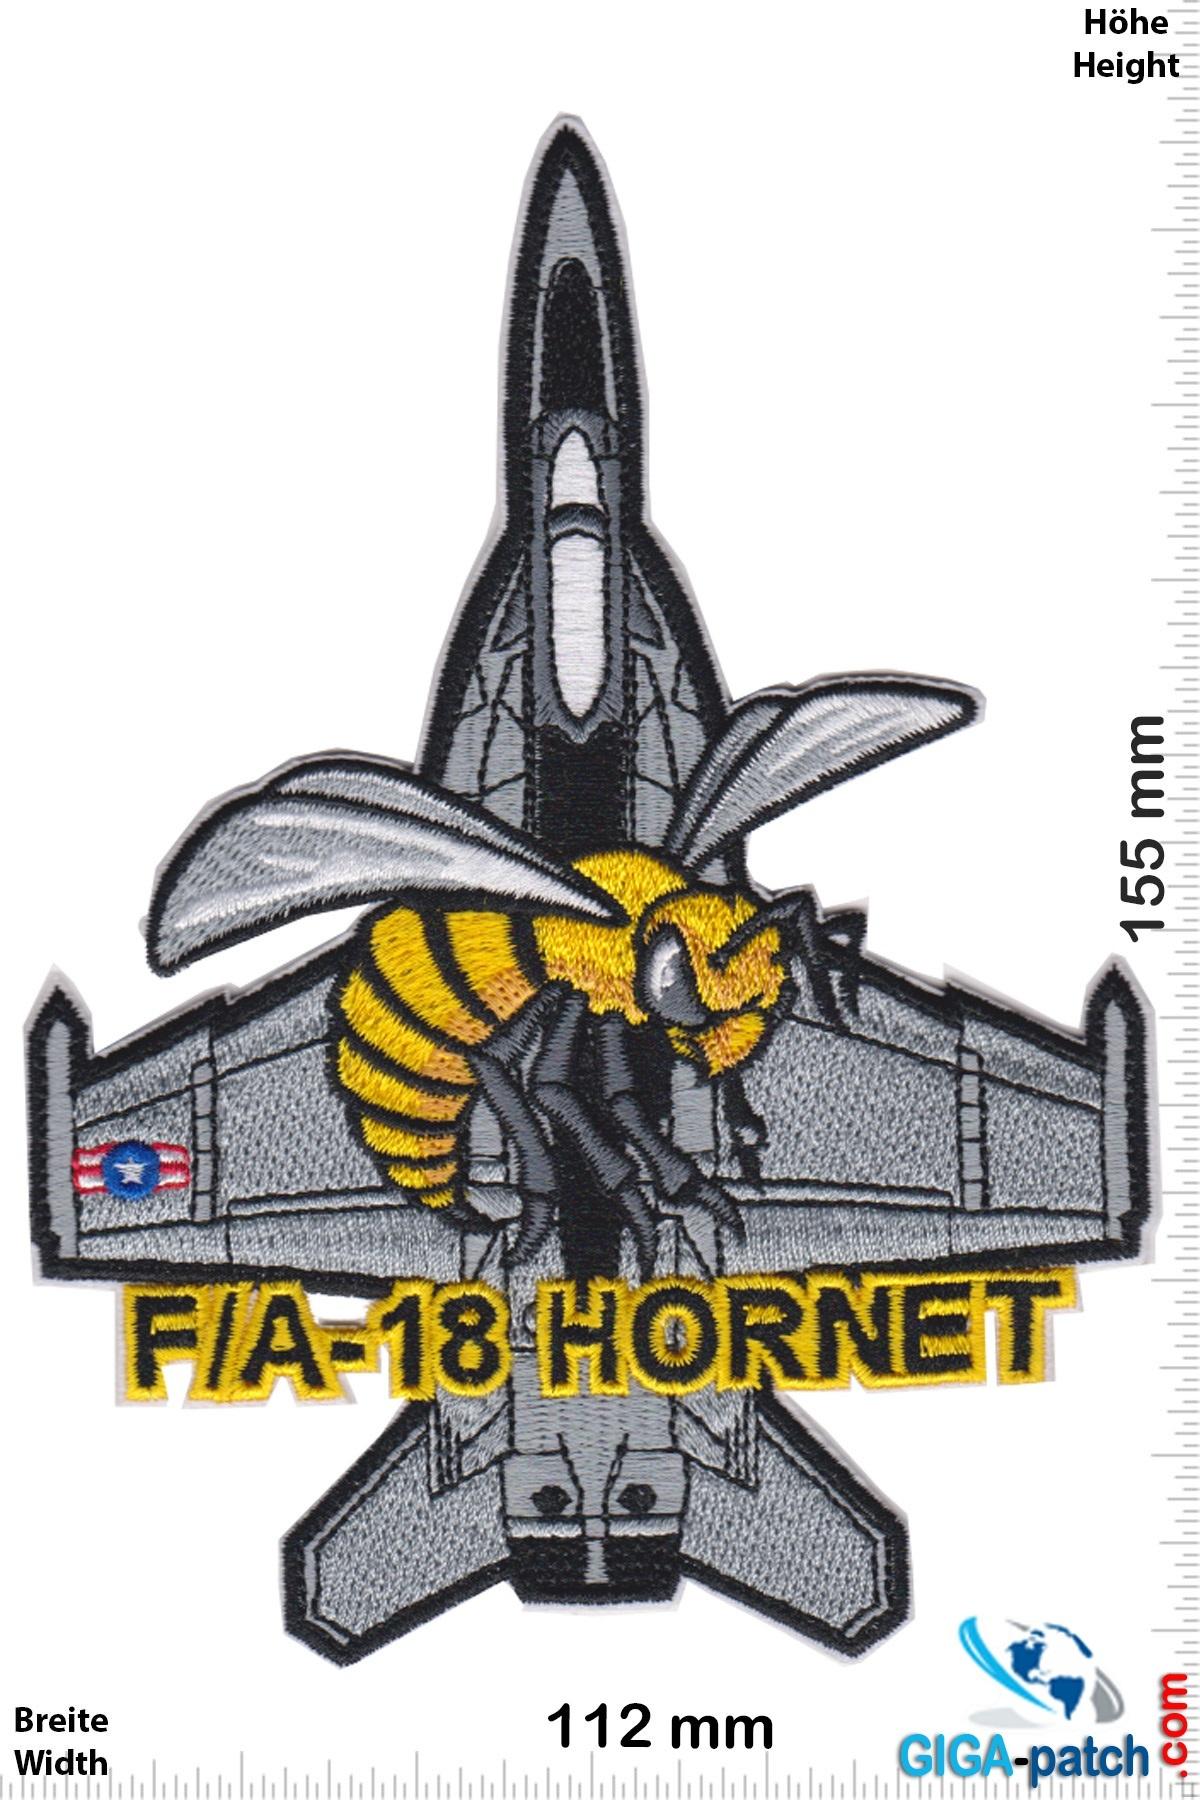 U.S. Navy F/A -18 Hornet - HQ